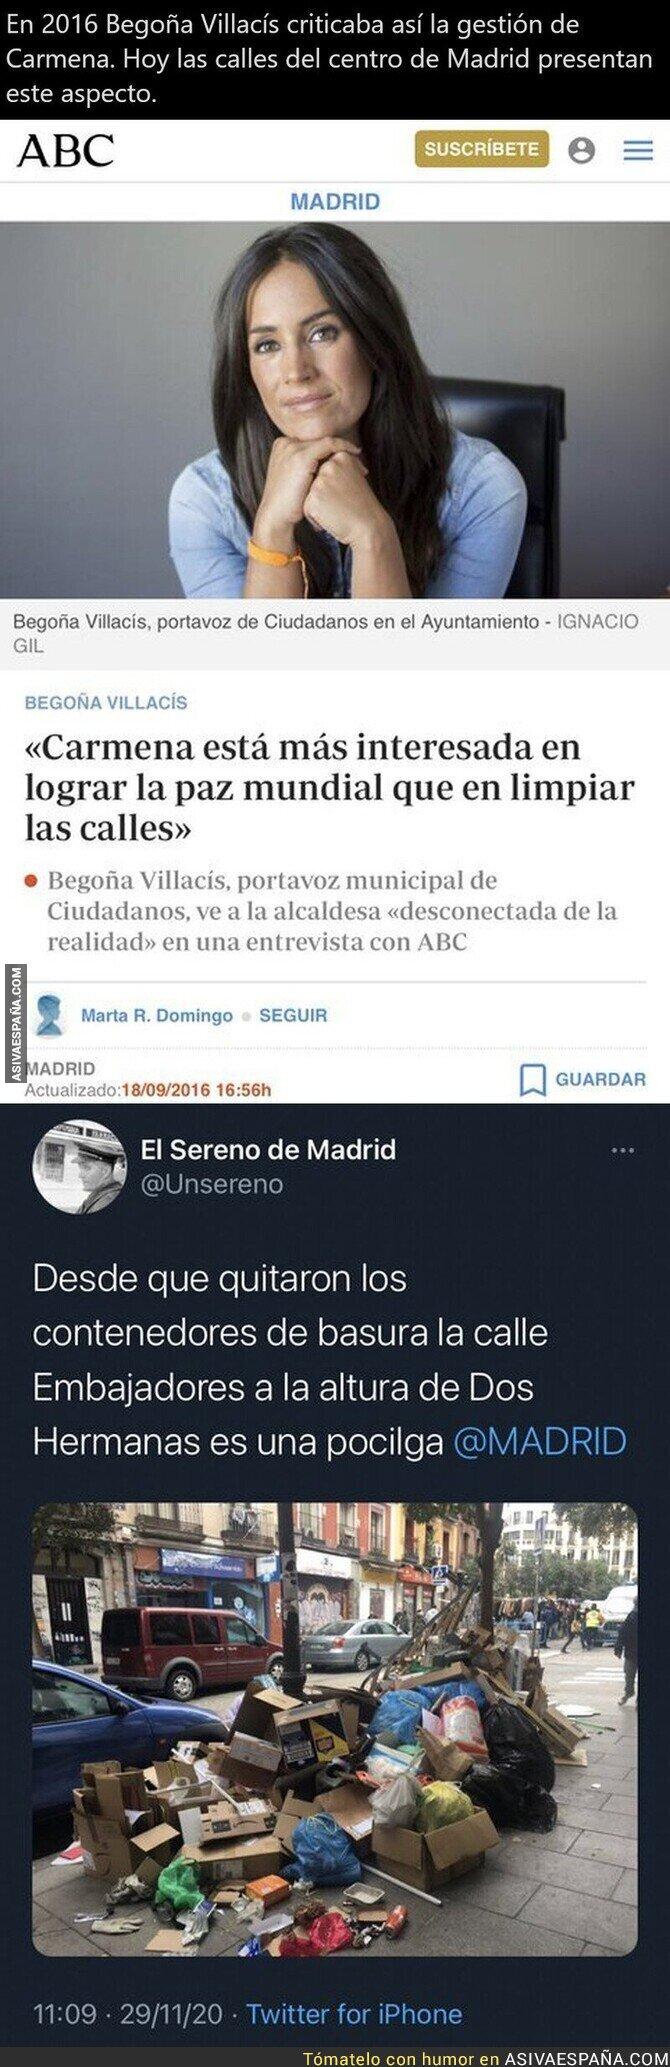 486351 - Así tienen las calles el Gobierno de derechas en Madrid cuando fueron los primero sen criticar a Manuela Carmena